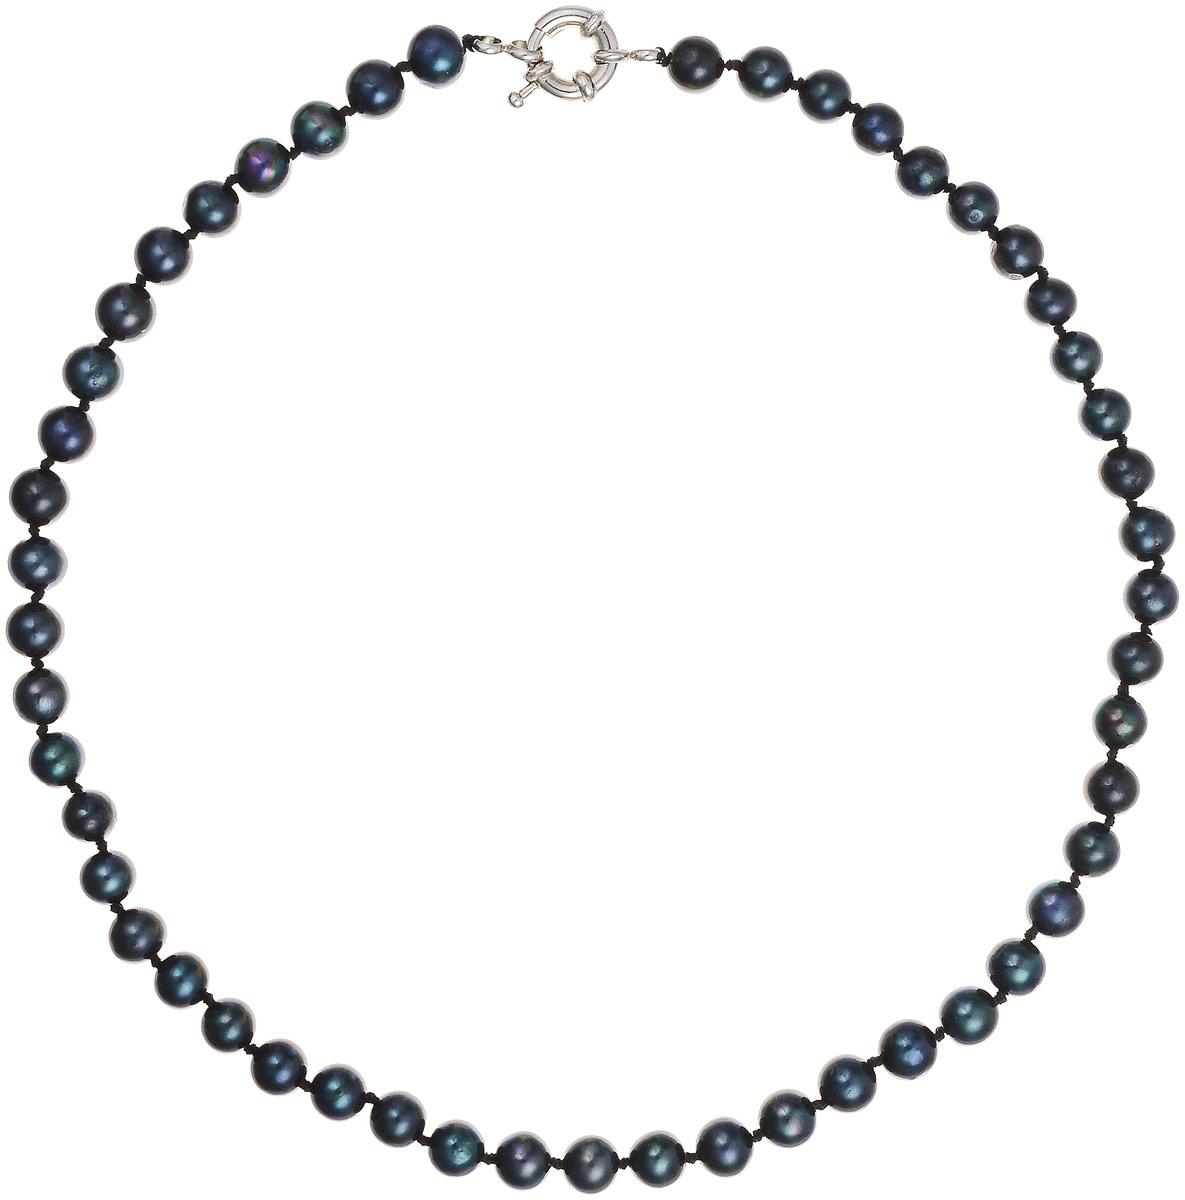 Бусы Art-Silver, цвет: черно-синий, длина 40 см. КЖ6-7АА+40-1050КЖ6-7АА+40-1050Бусы Art-Silver выполнены из бижутерного сплава и культивированного жемчуга. Изделие оснащено удобной шпренгельной застежкой.